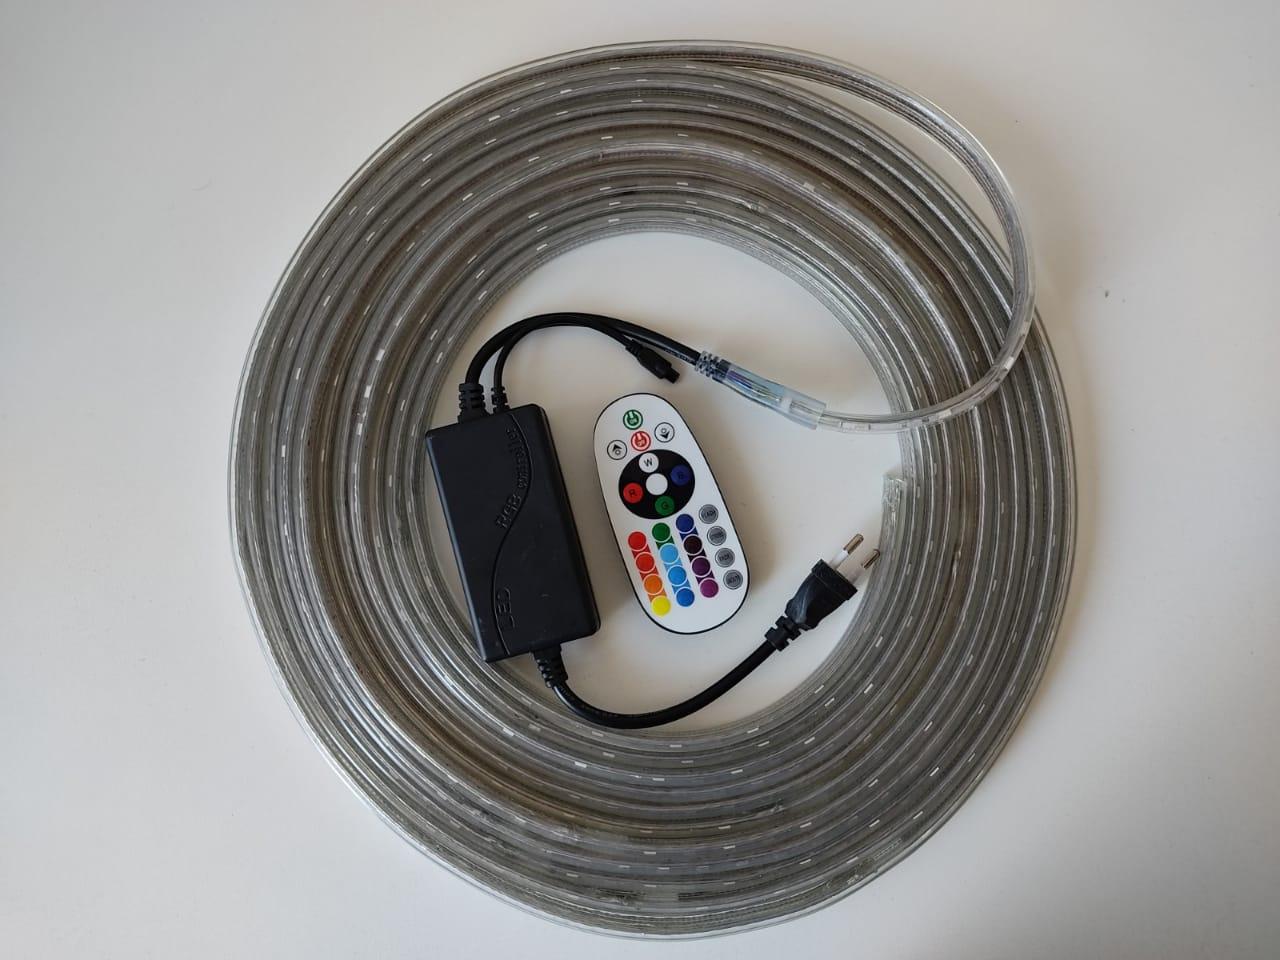 Fita LED RGB 5050 29m Premium Grossa Resistente e Fonte 220v